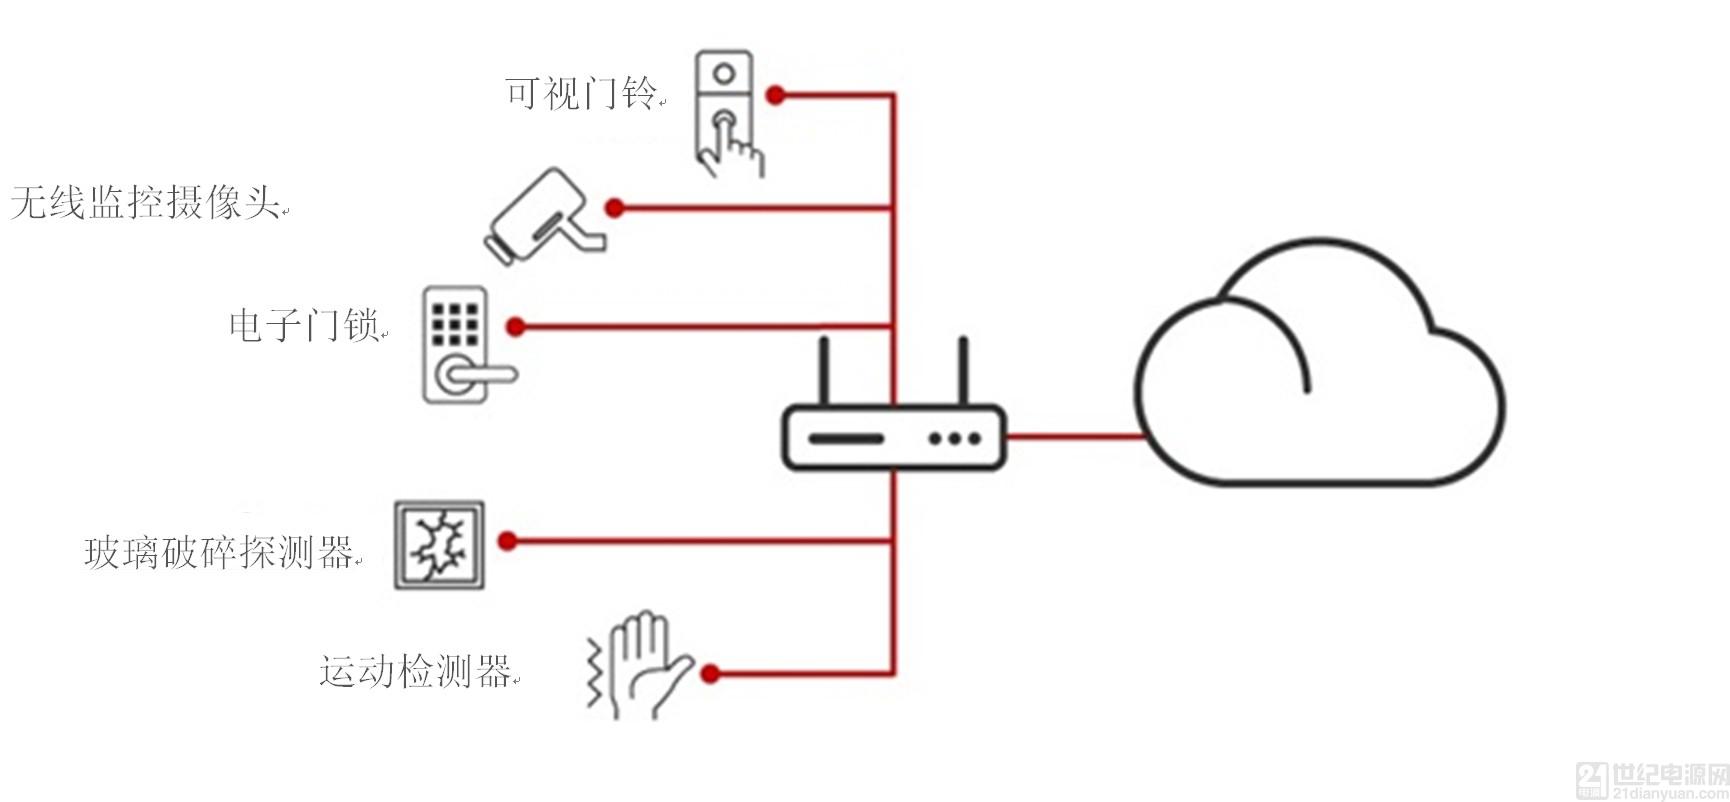 """开箱即用的物联网:构建一个无缝、安全的智能家庭网络""""/"""